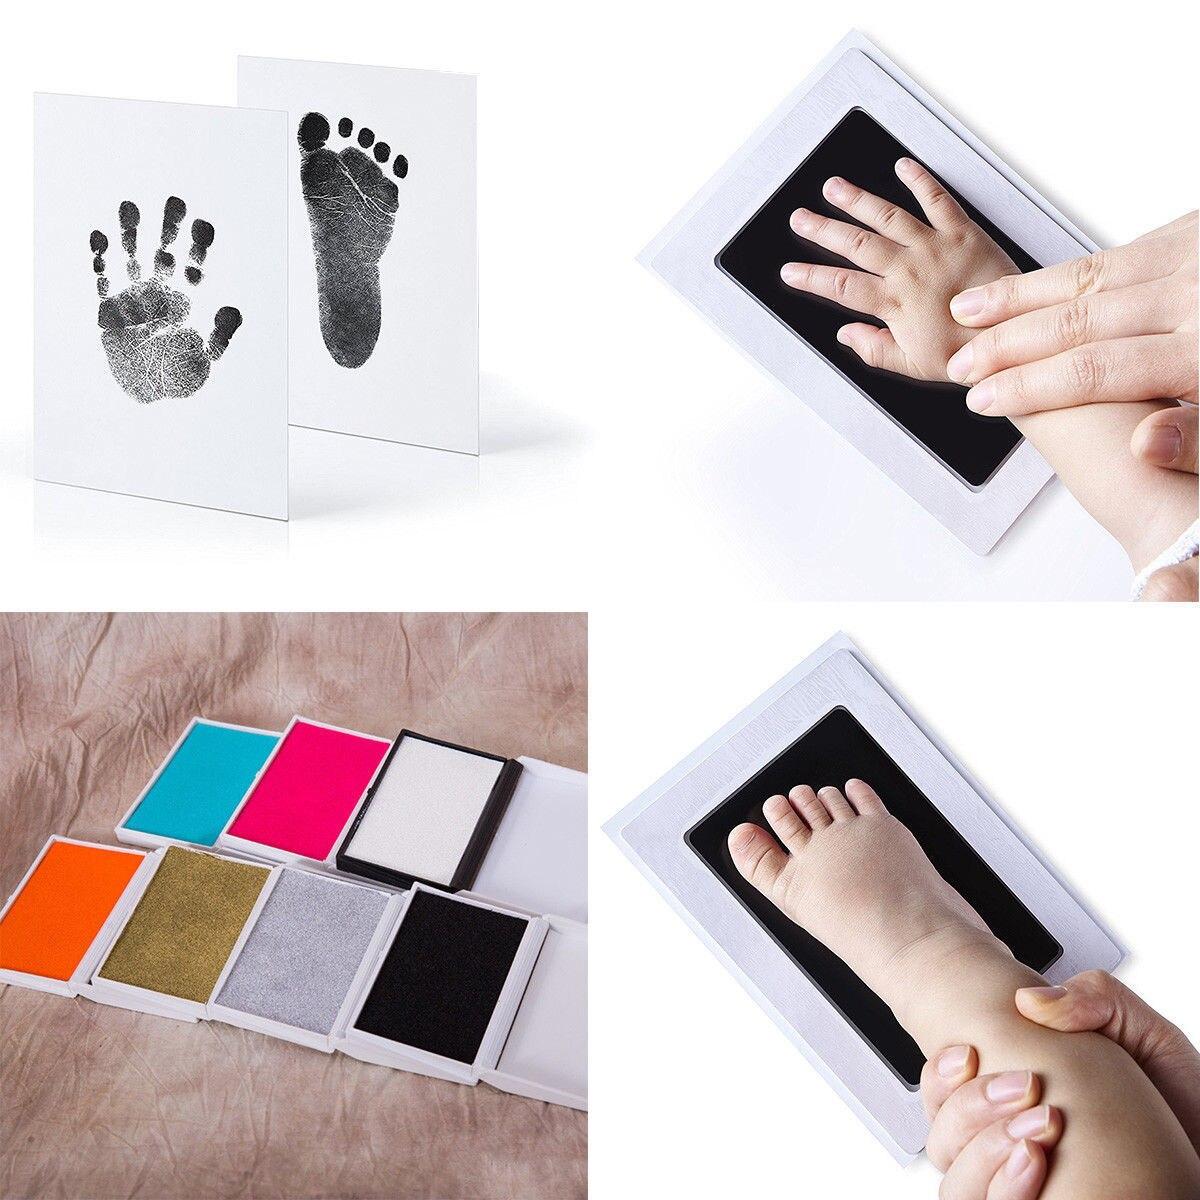 Детские Безопасные печатные чернильные подушечки производитель памяти комплект ручной печати отпечаток руки производители DIY Keepsake